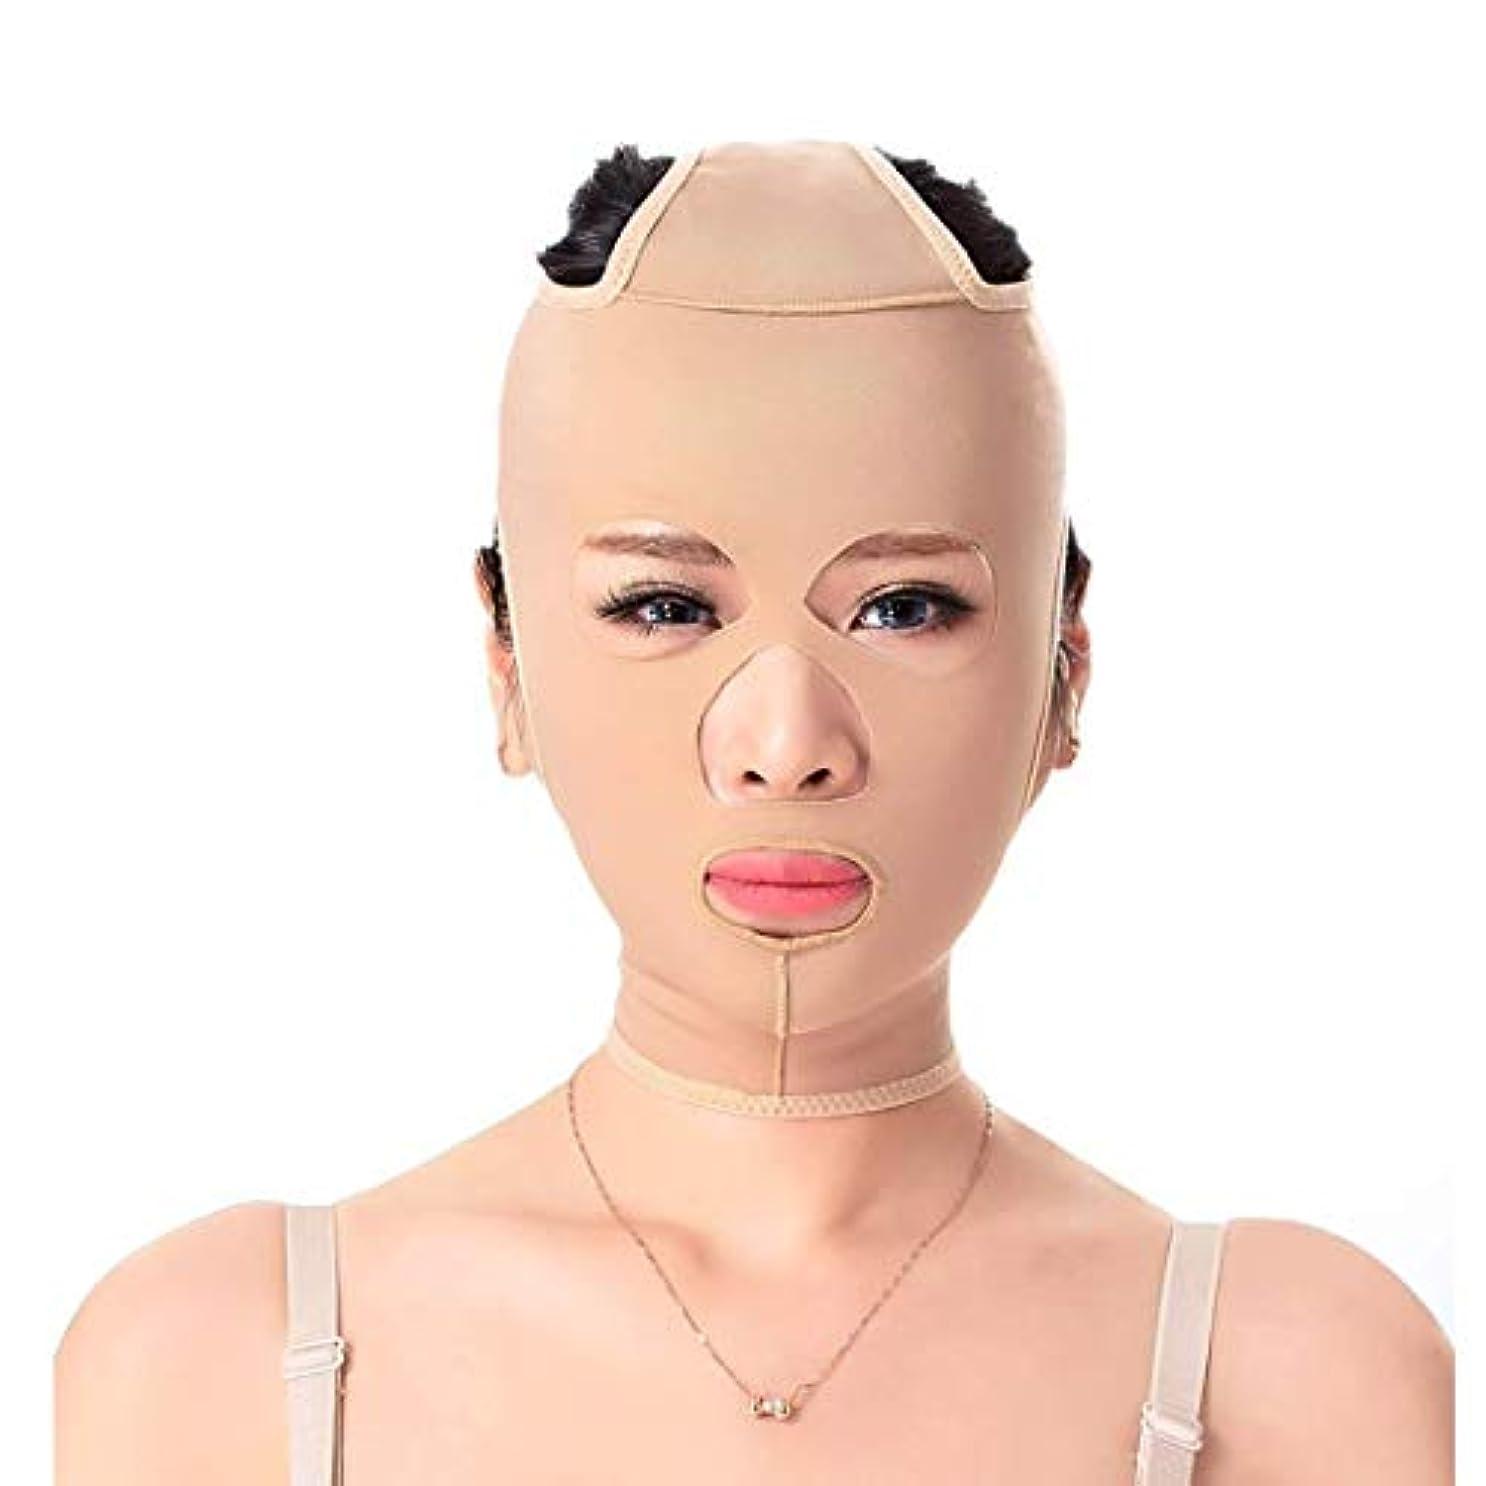 アシュリータファーマンジョグこれまでスリミングベルト、フェイシャルマスク薄いフェイスマスク布布パターンリフティングダブルあご引き締めフェイシャルプラスチック顔アーティファクト強力な顔包帯(サイズ:S)